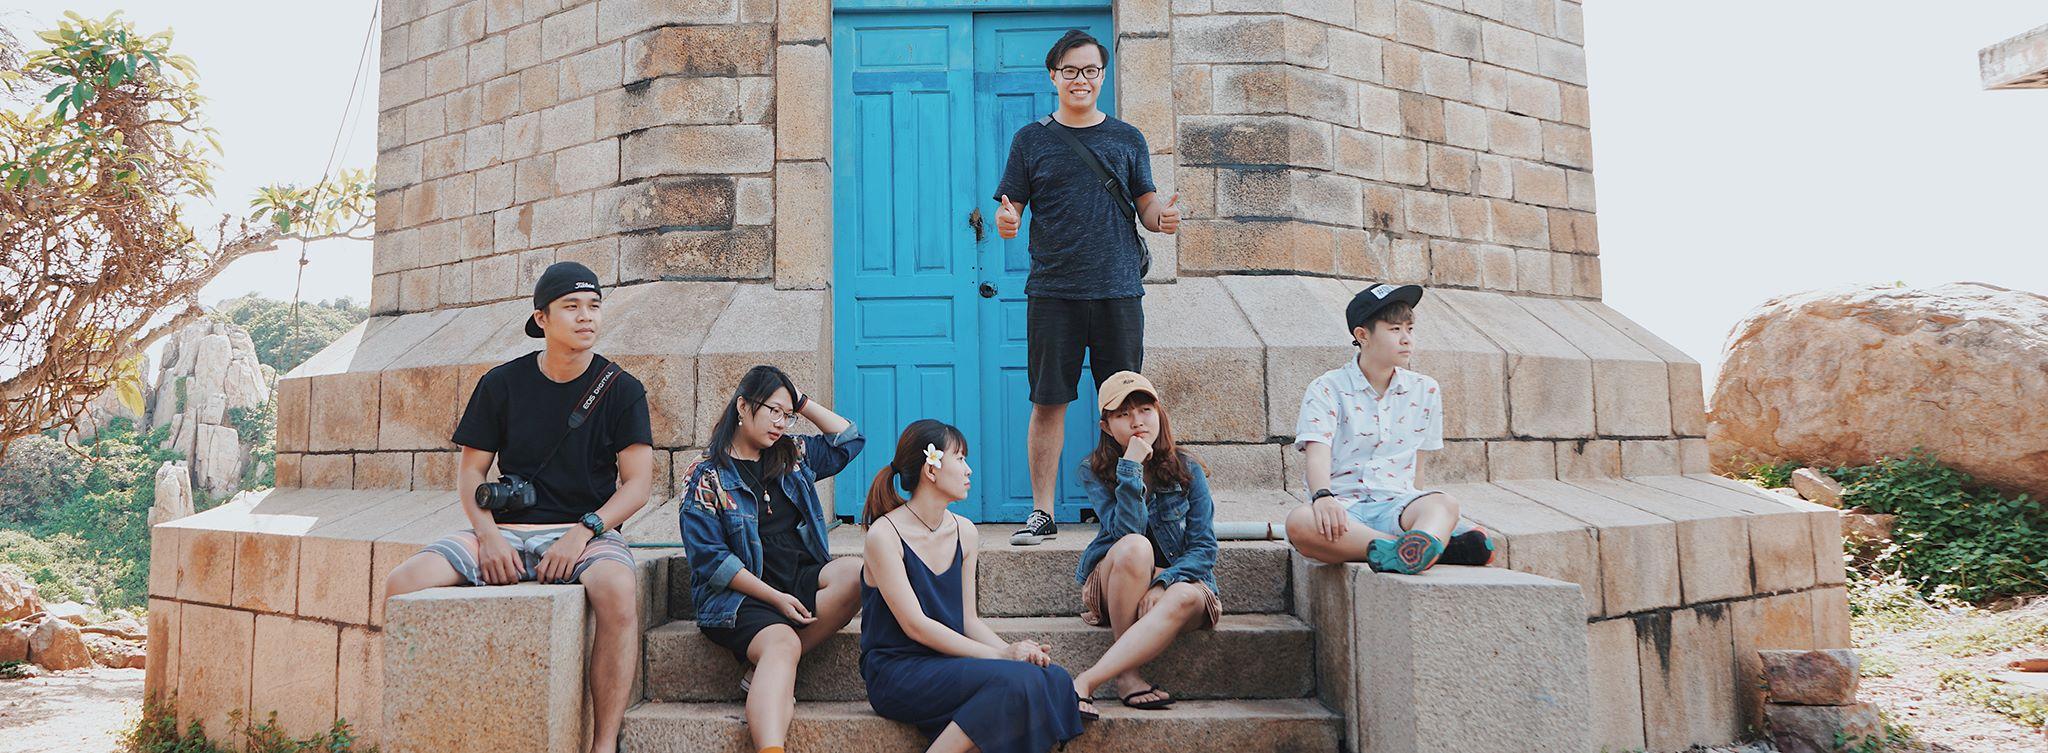 Check-in hải đăng - 'Trào lưu' đáng khuyến khích của giới trẻ